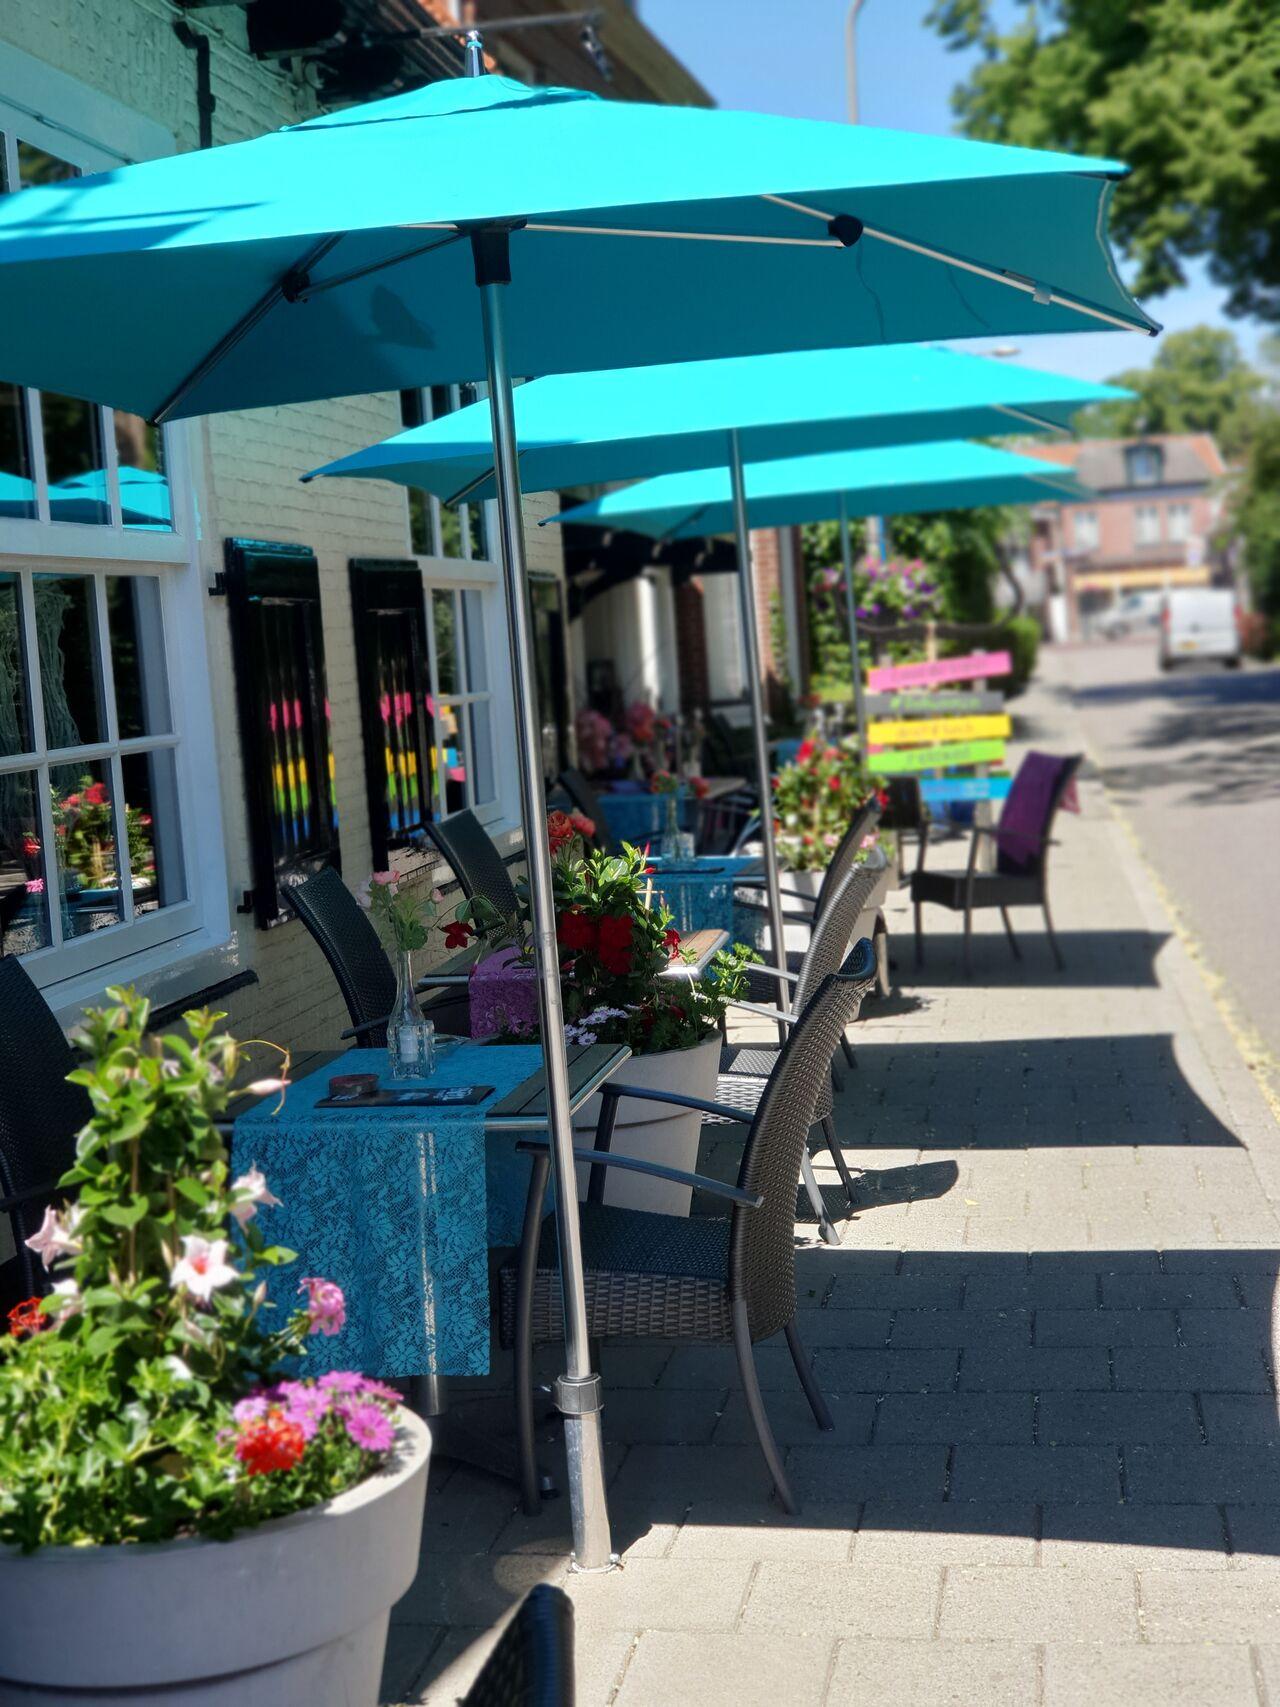 Het gezellige terras. Hier kun je zonder reservering lekker genieten van een wijntje, tapas en de zon.